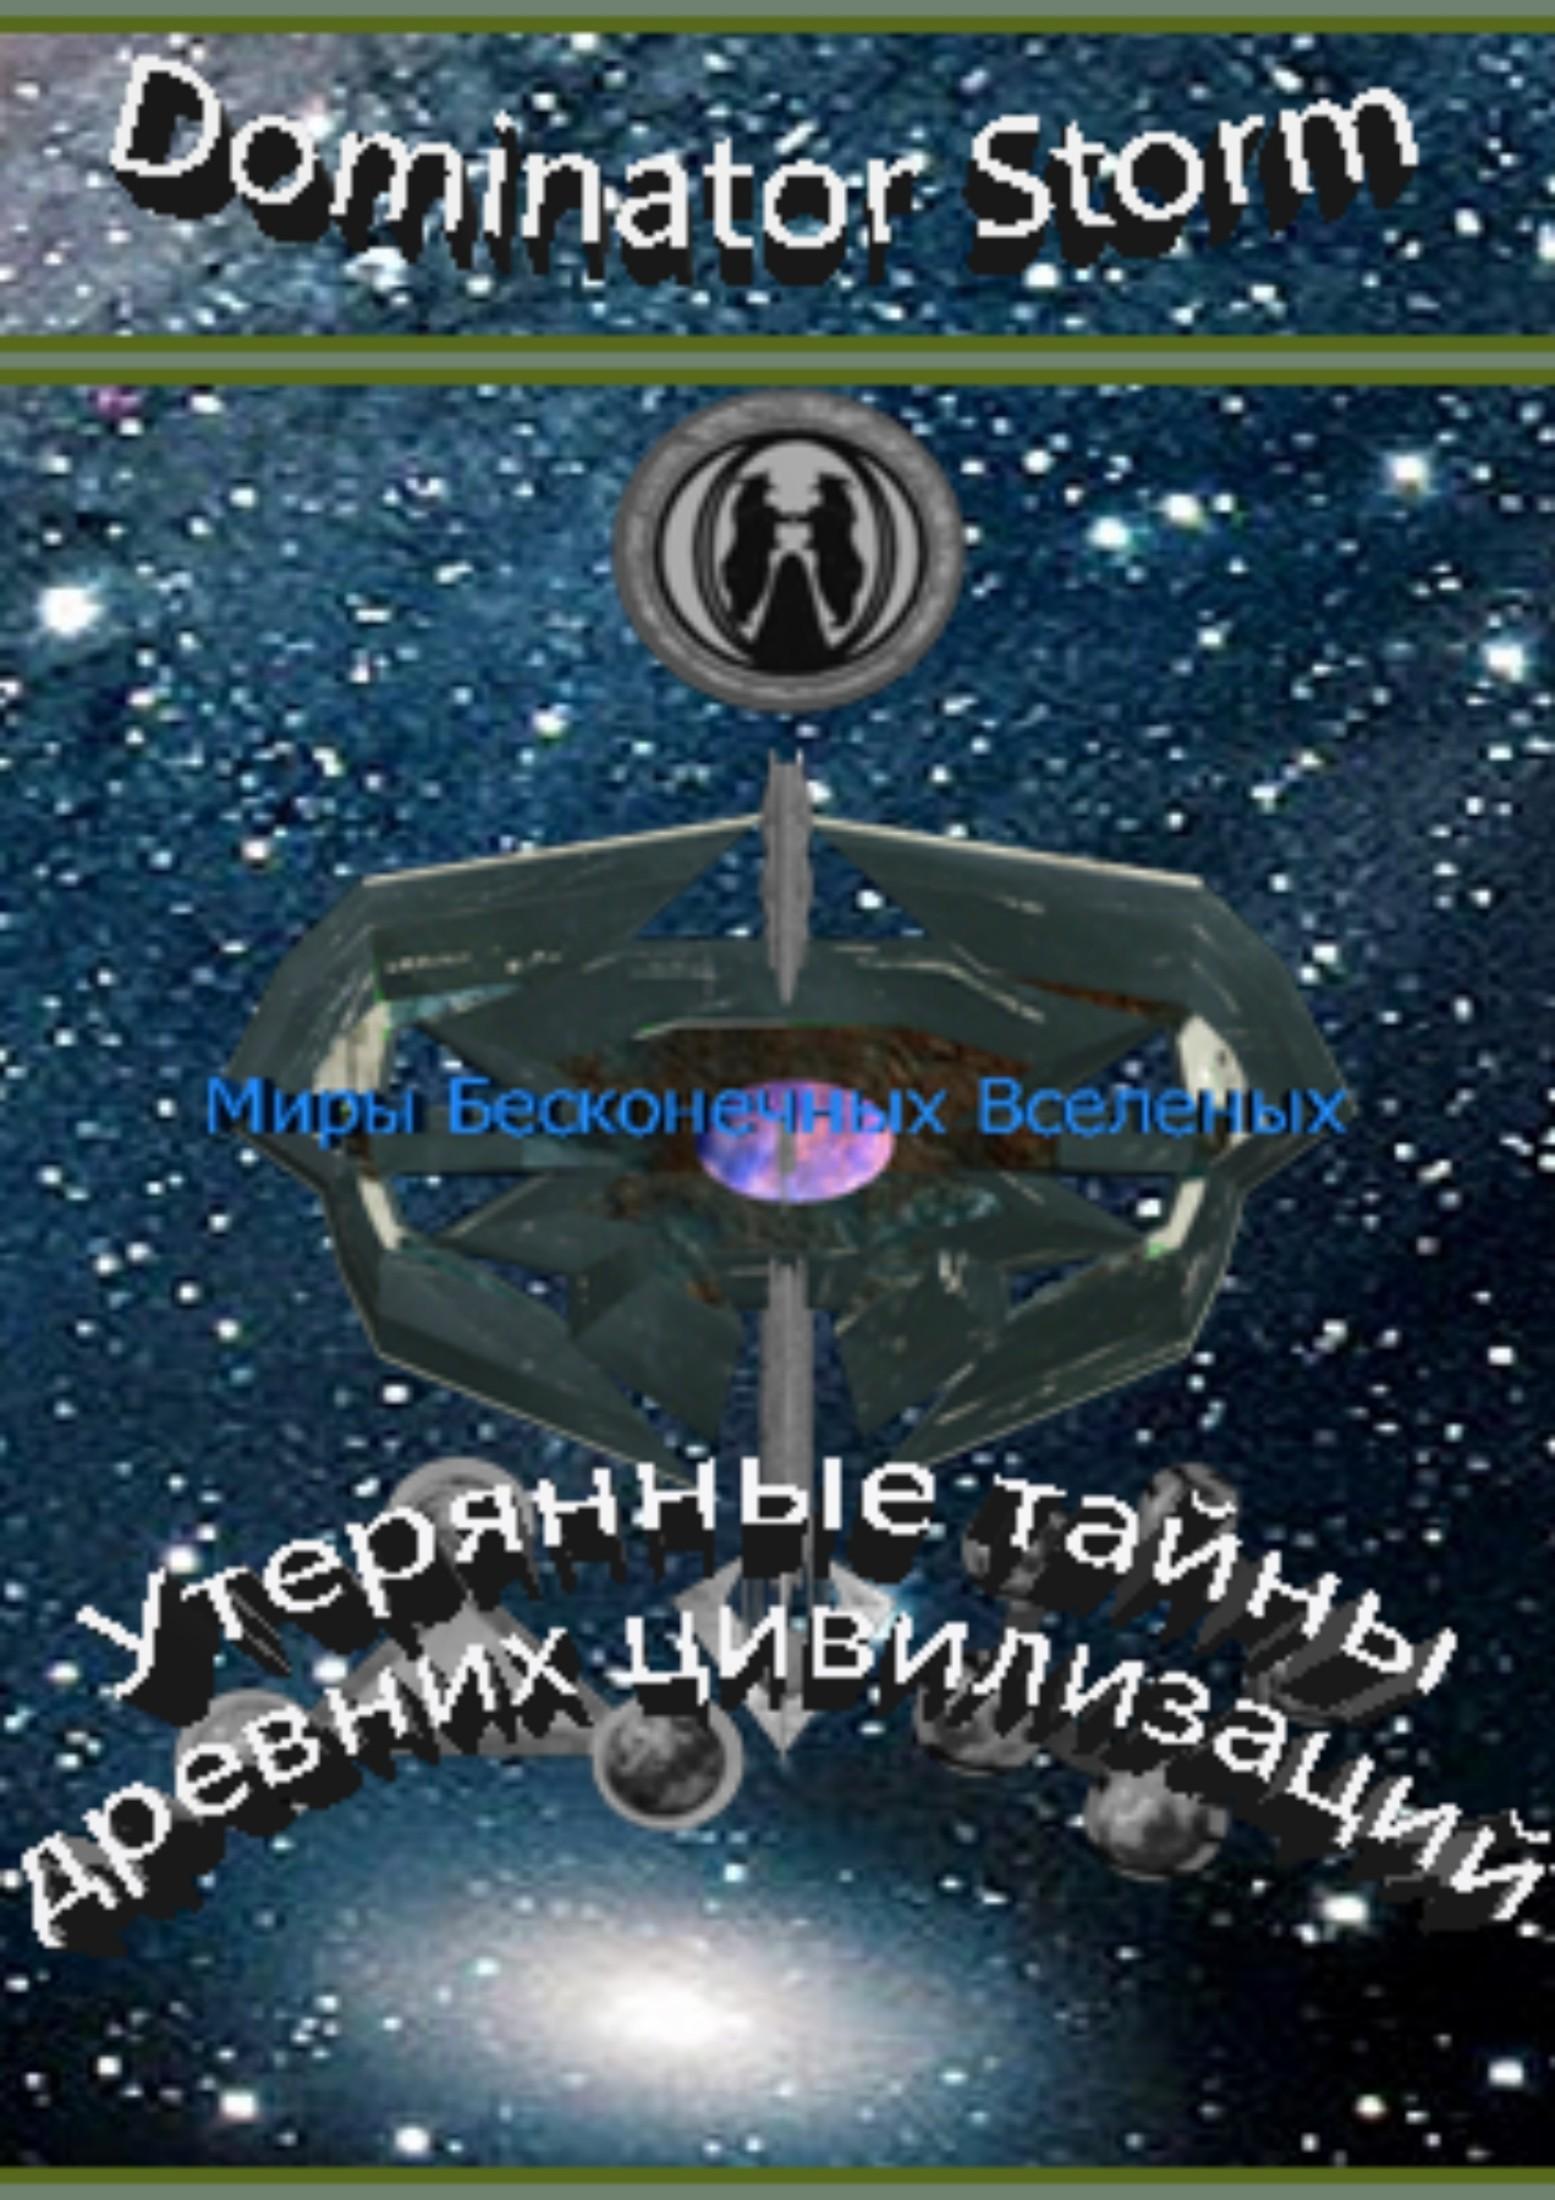 Миры Бесконечных Вселенных. Утерянные тайны древних цивилизаций